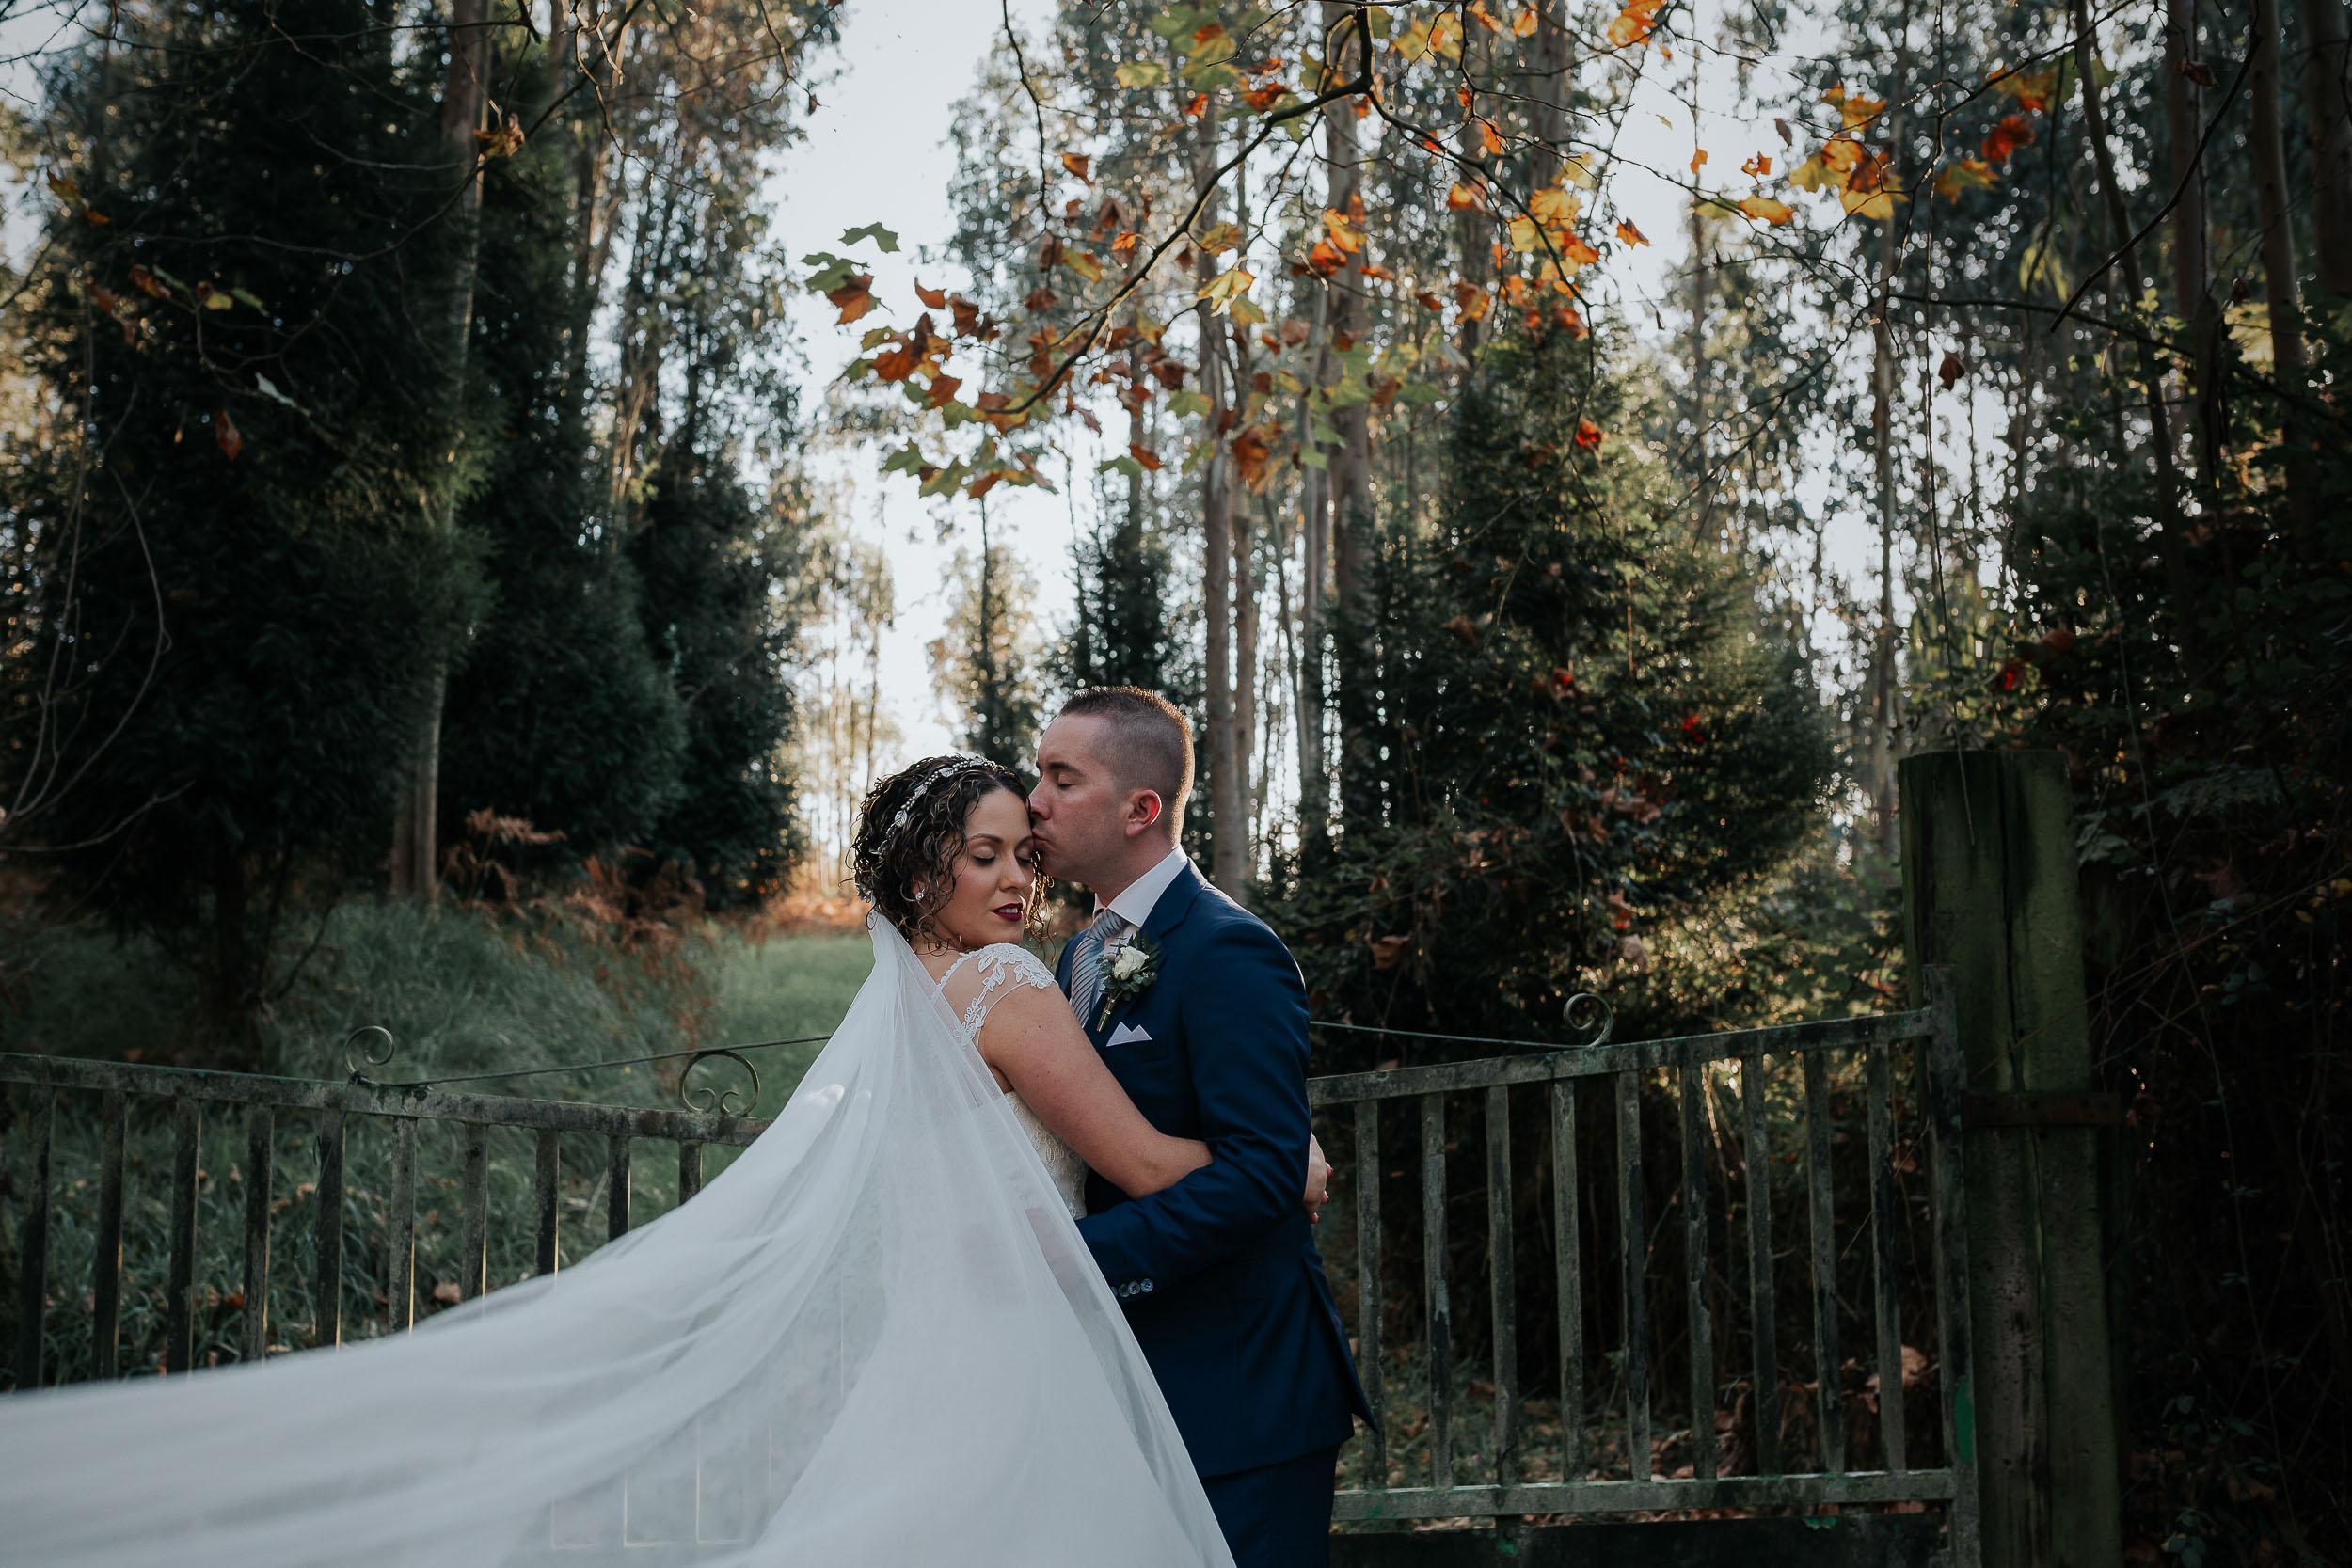 fotografo-boda-asturias-235161